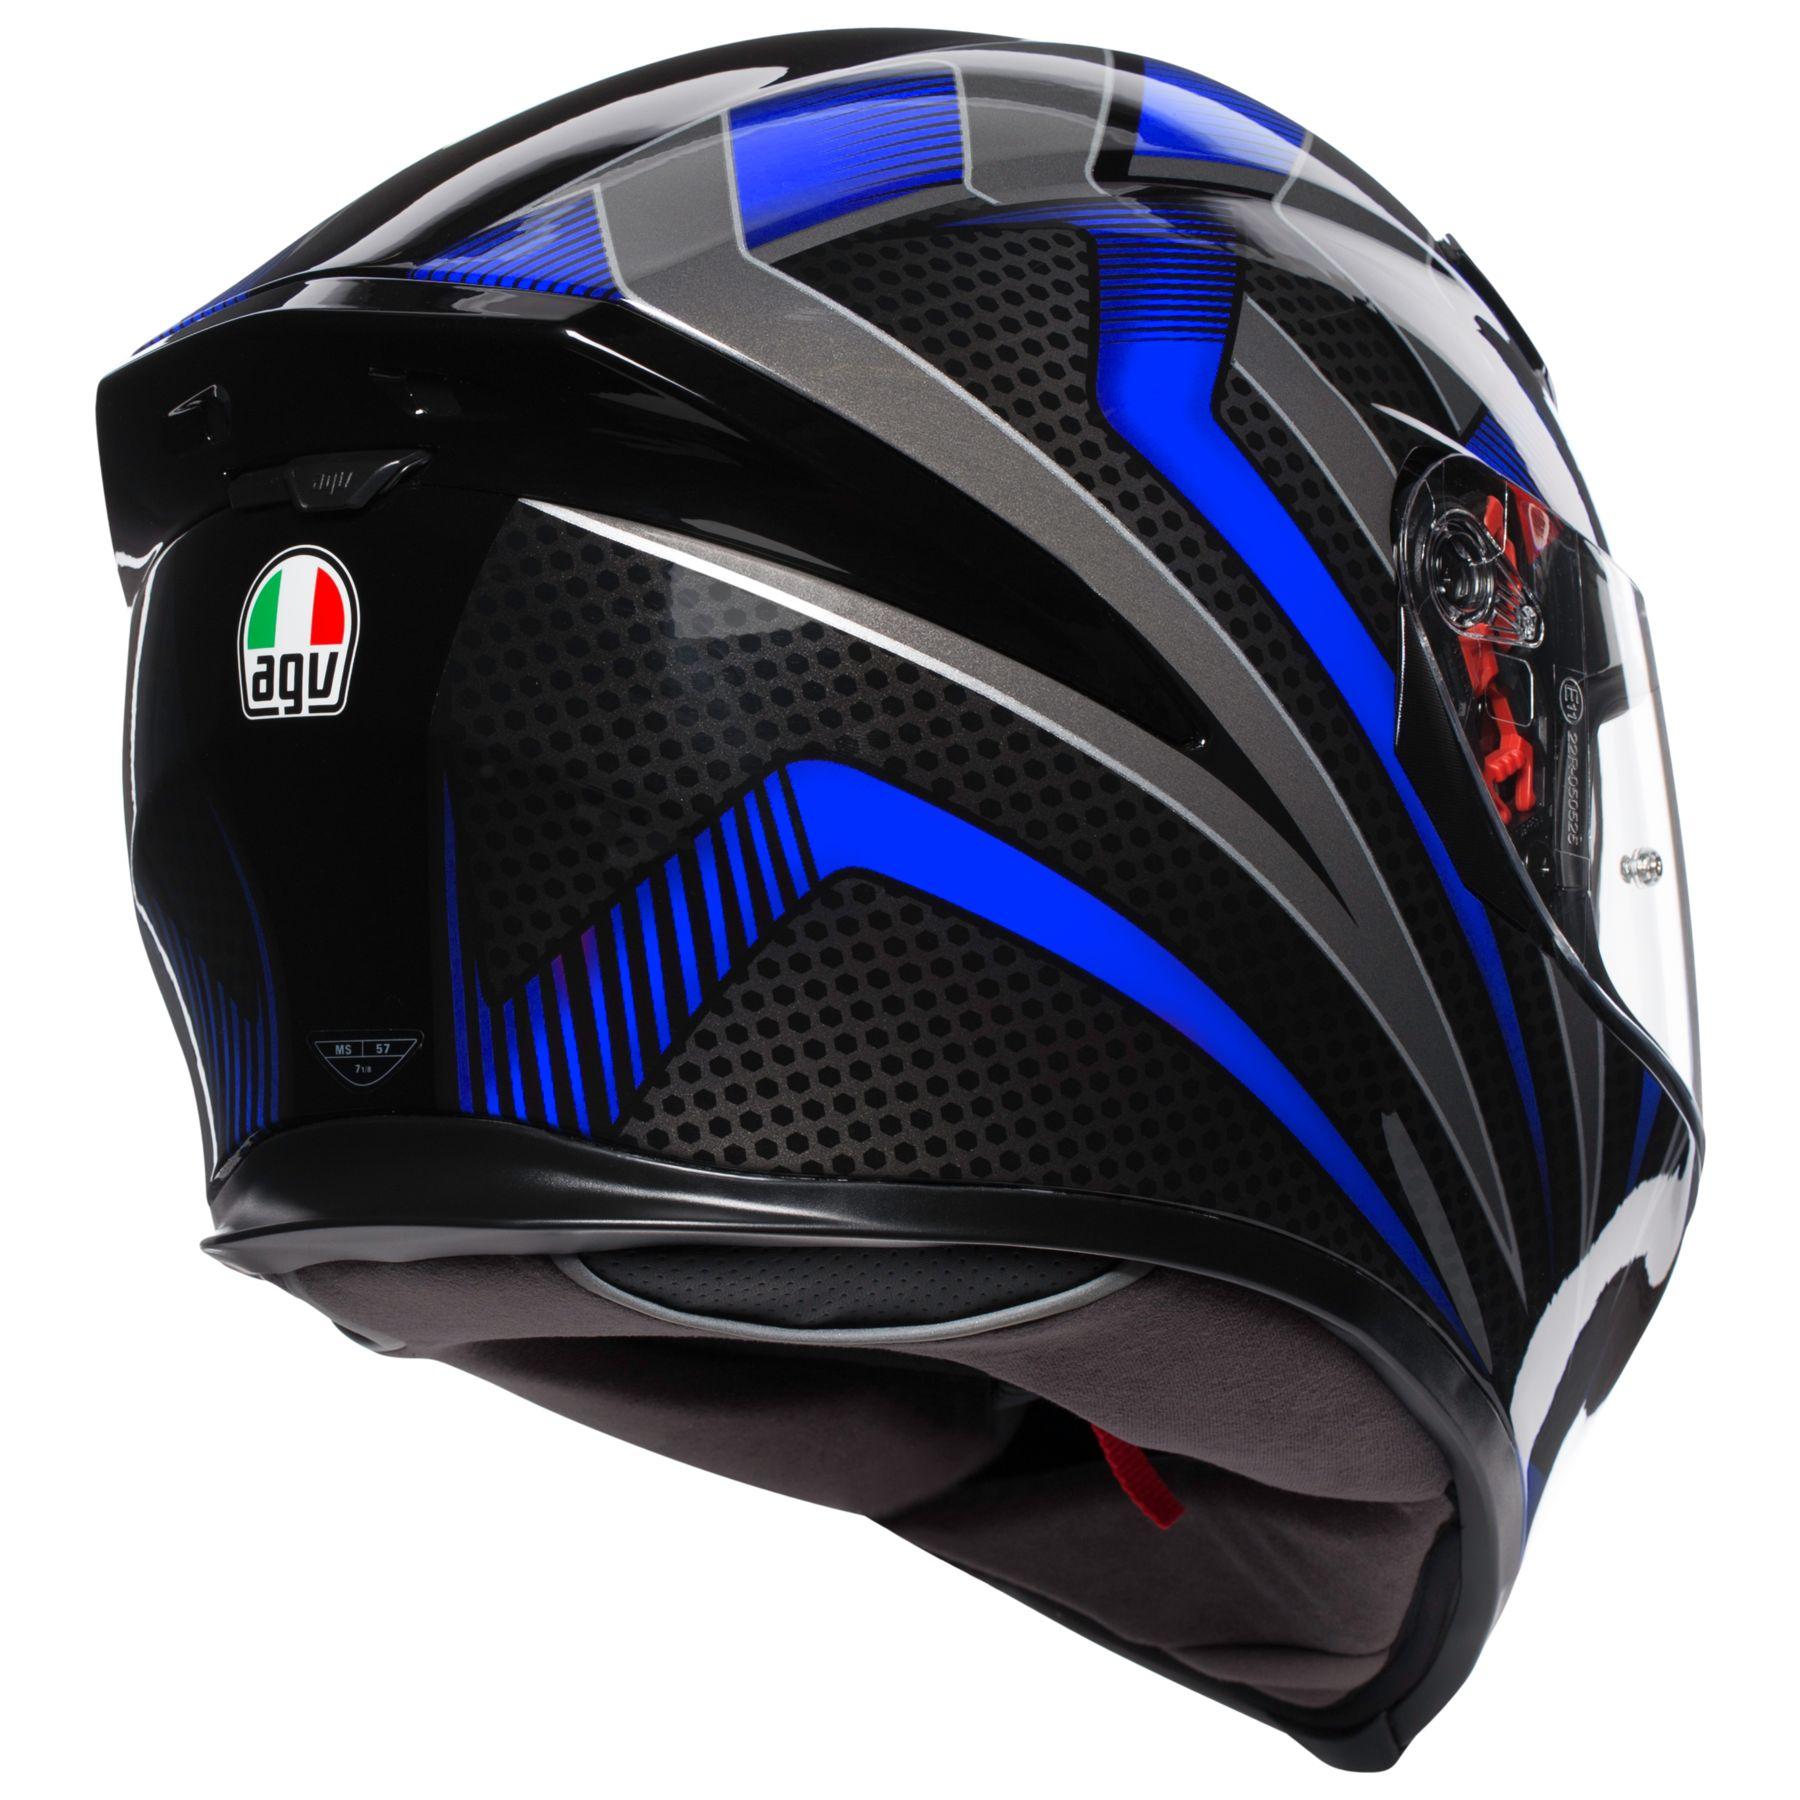 Nón Bảo Hiểm Fullface - AGV K-5 S HURRICANE 2.0 BLACK/BLUE - Hàng Nhập Khẩu Thương Hiệu Ý